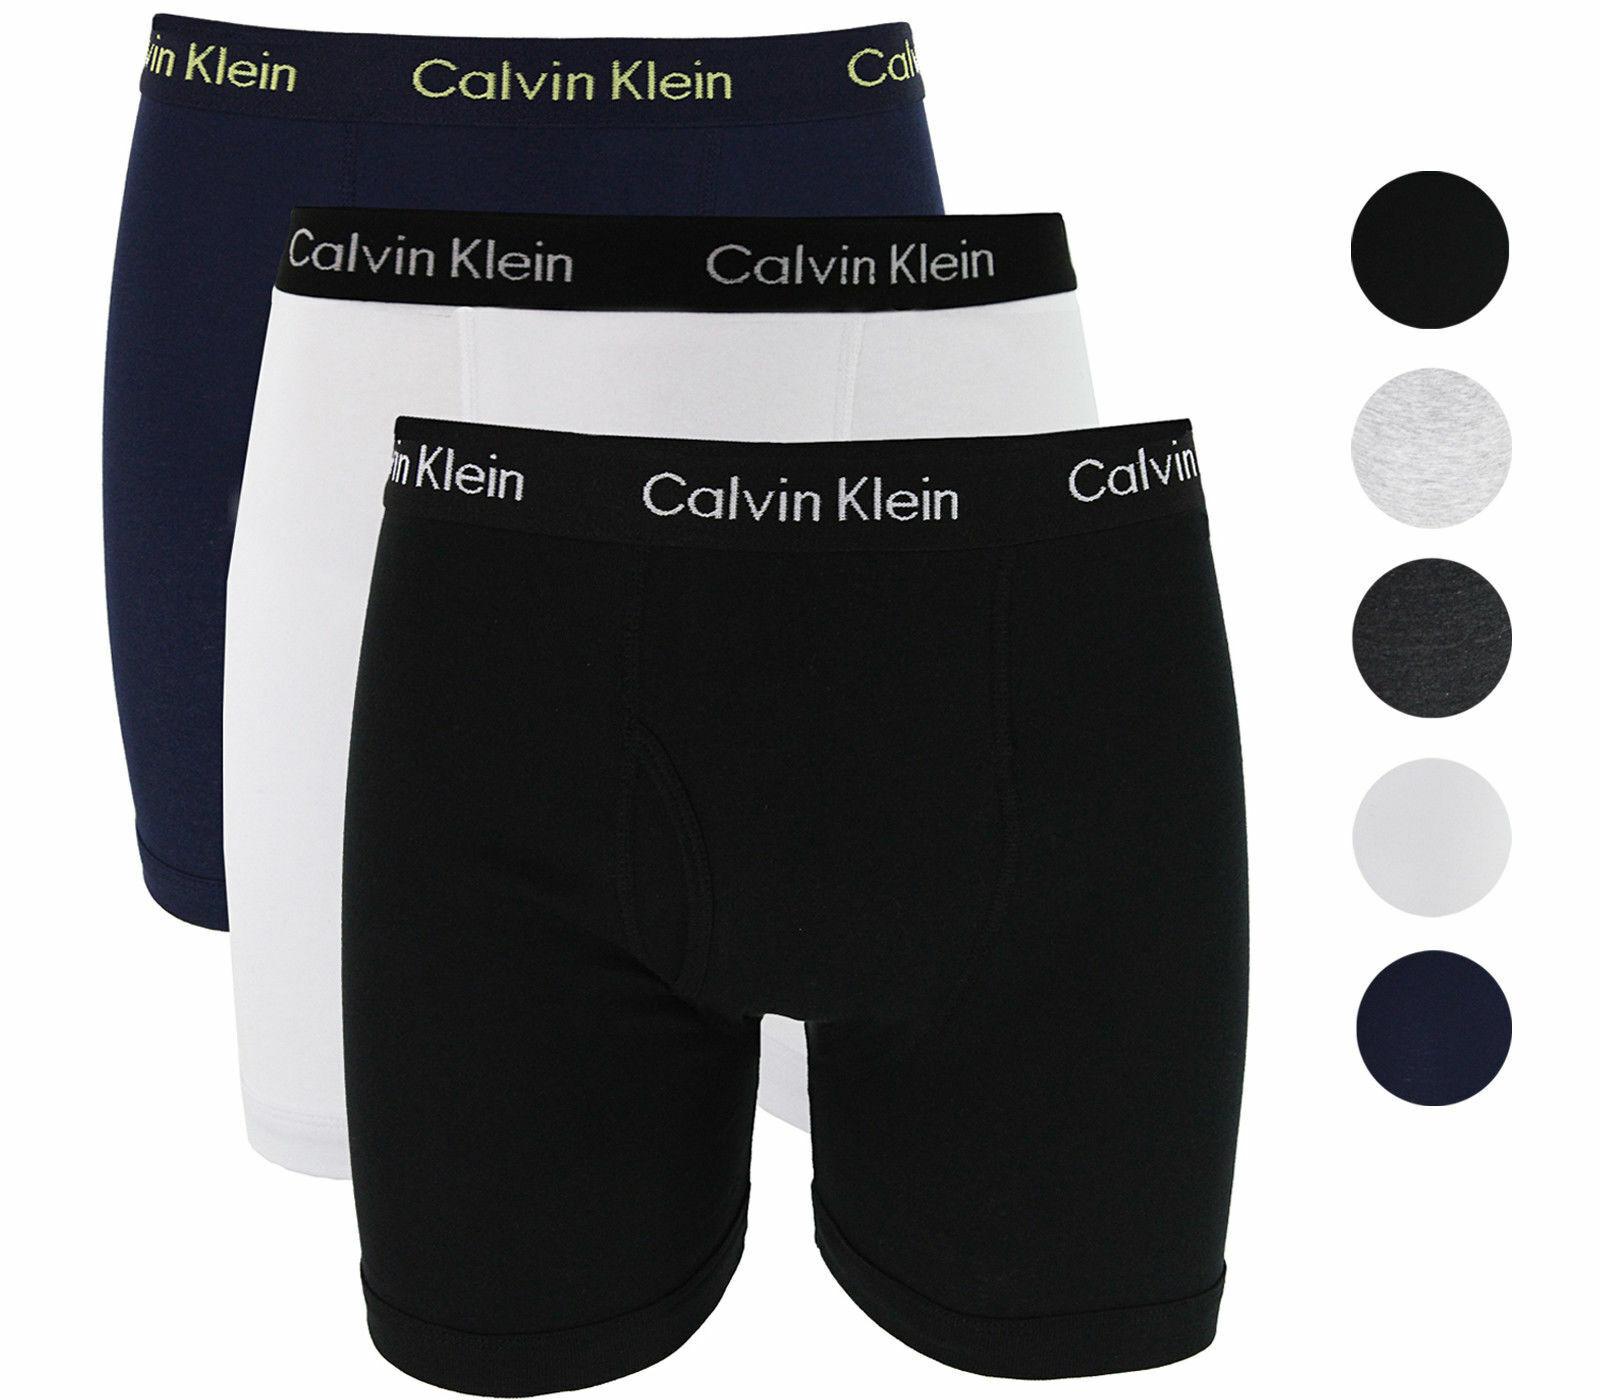 Calvin Klein 3 Pack Mens Underwear Boxer Briefs Classic Fit